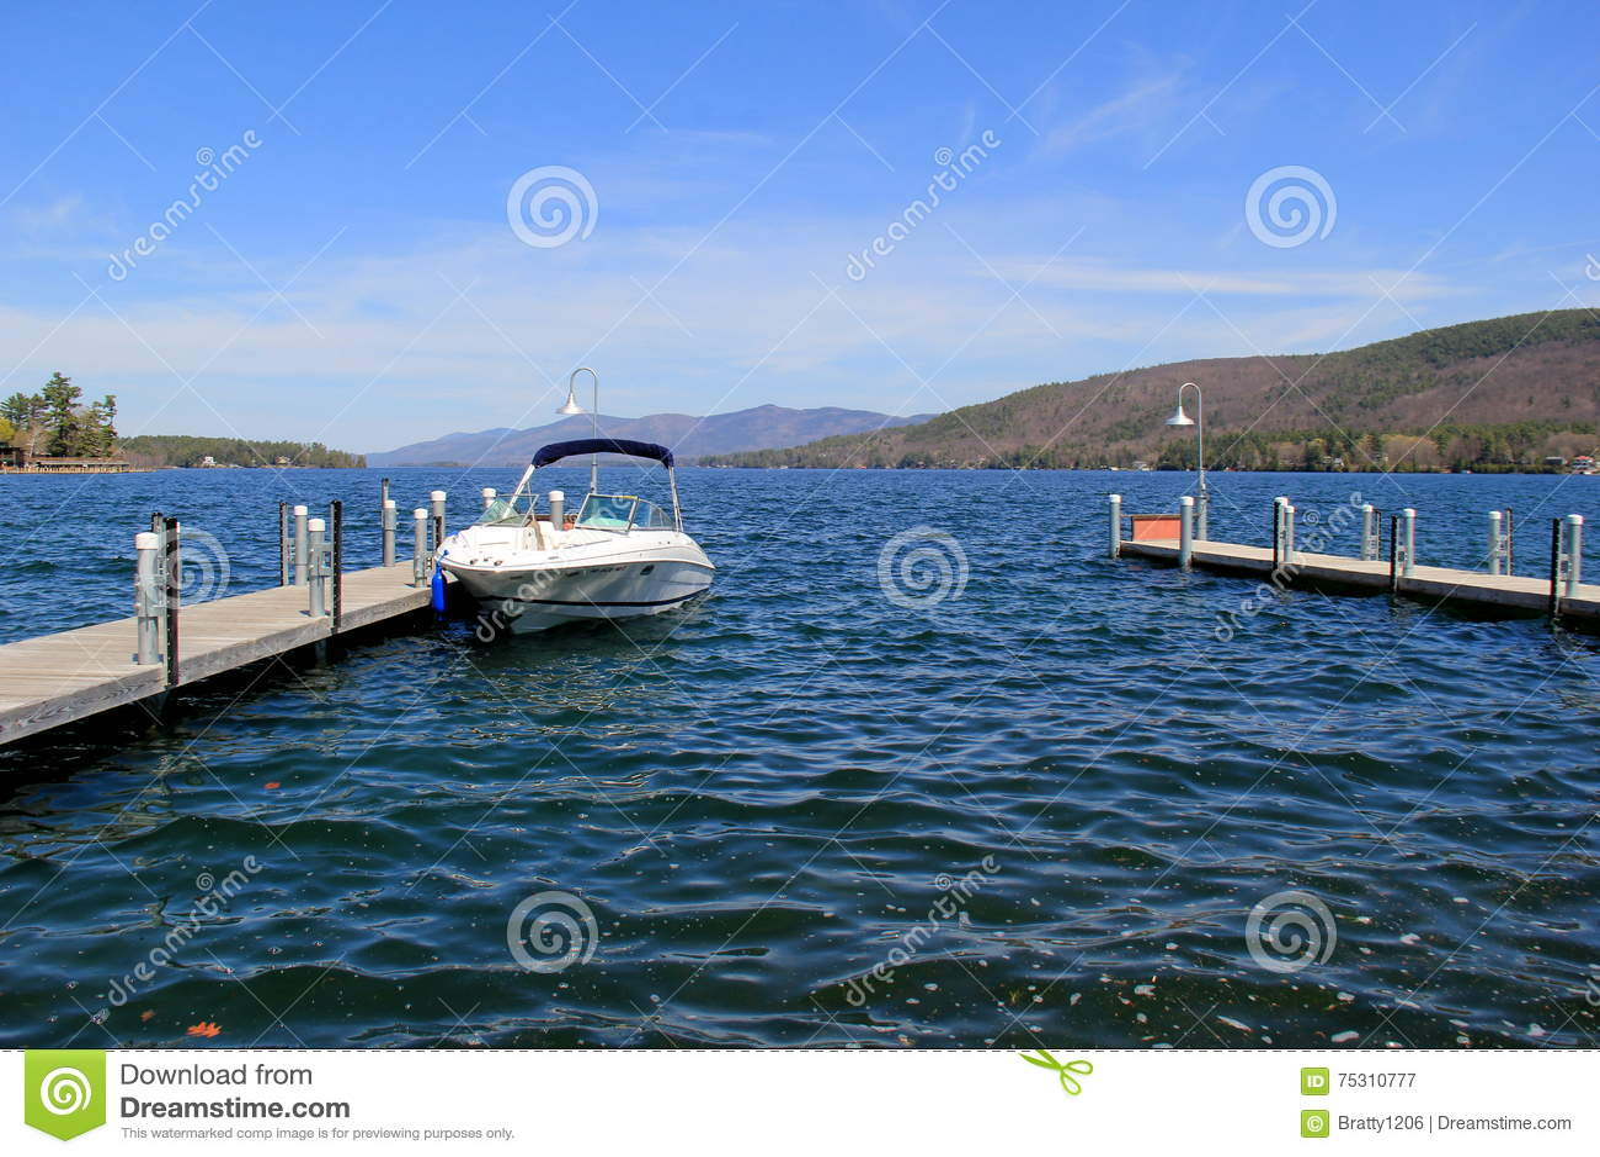 Escena hermosa de los embarcaderos largos y de los barcos amarrados, lago George, Nueva York, 2016